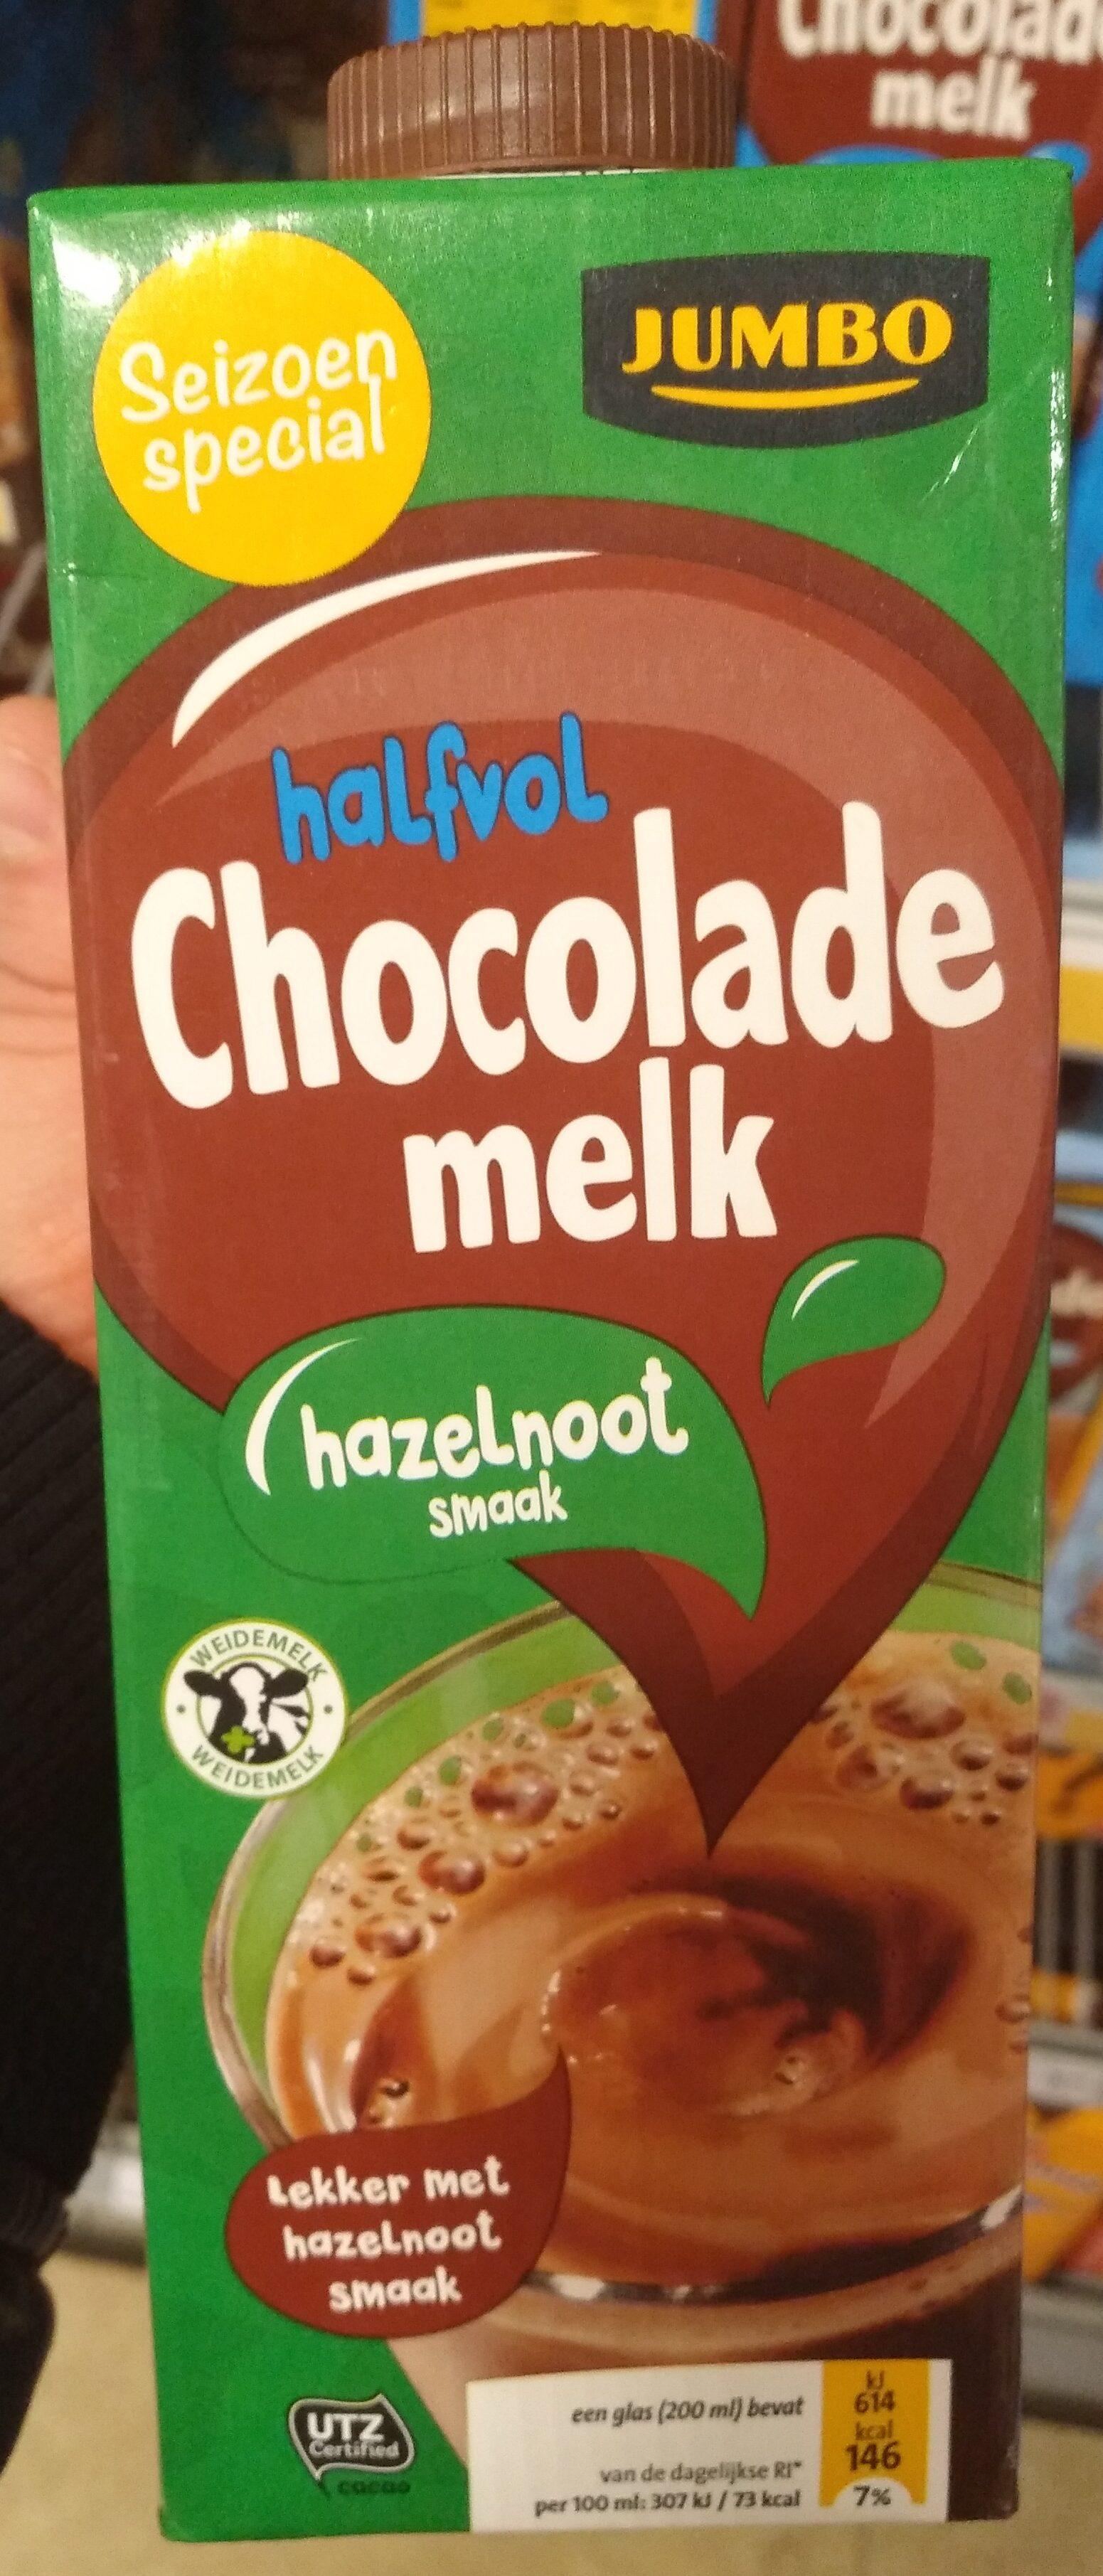 Halvol chocolade melk hazelnoot smaak - Product - nl